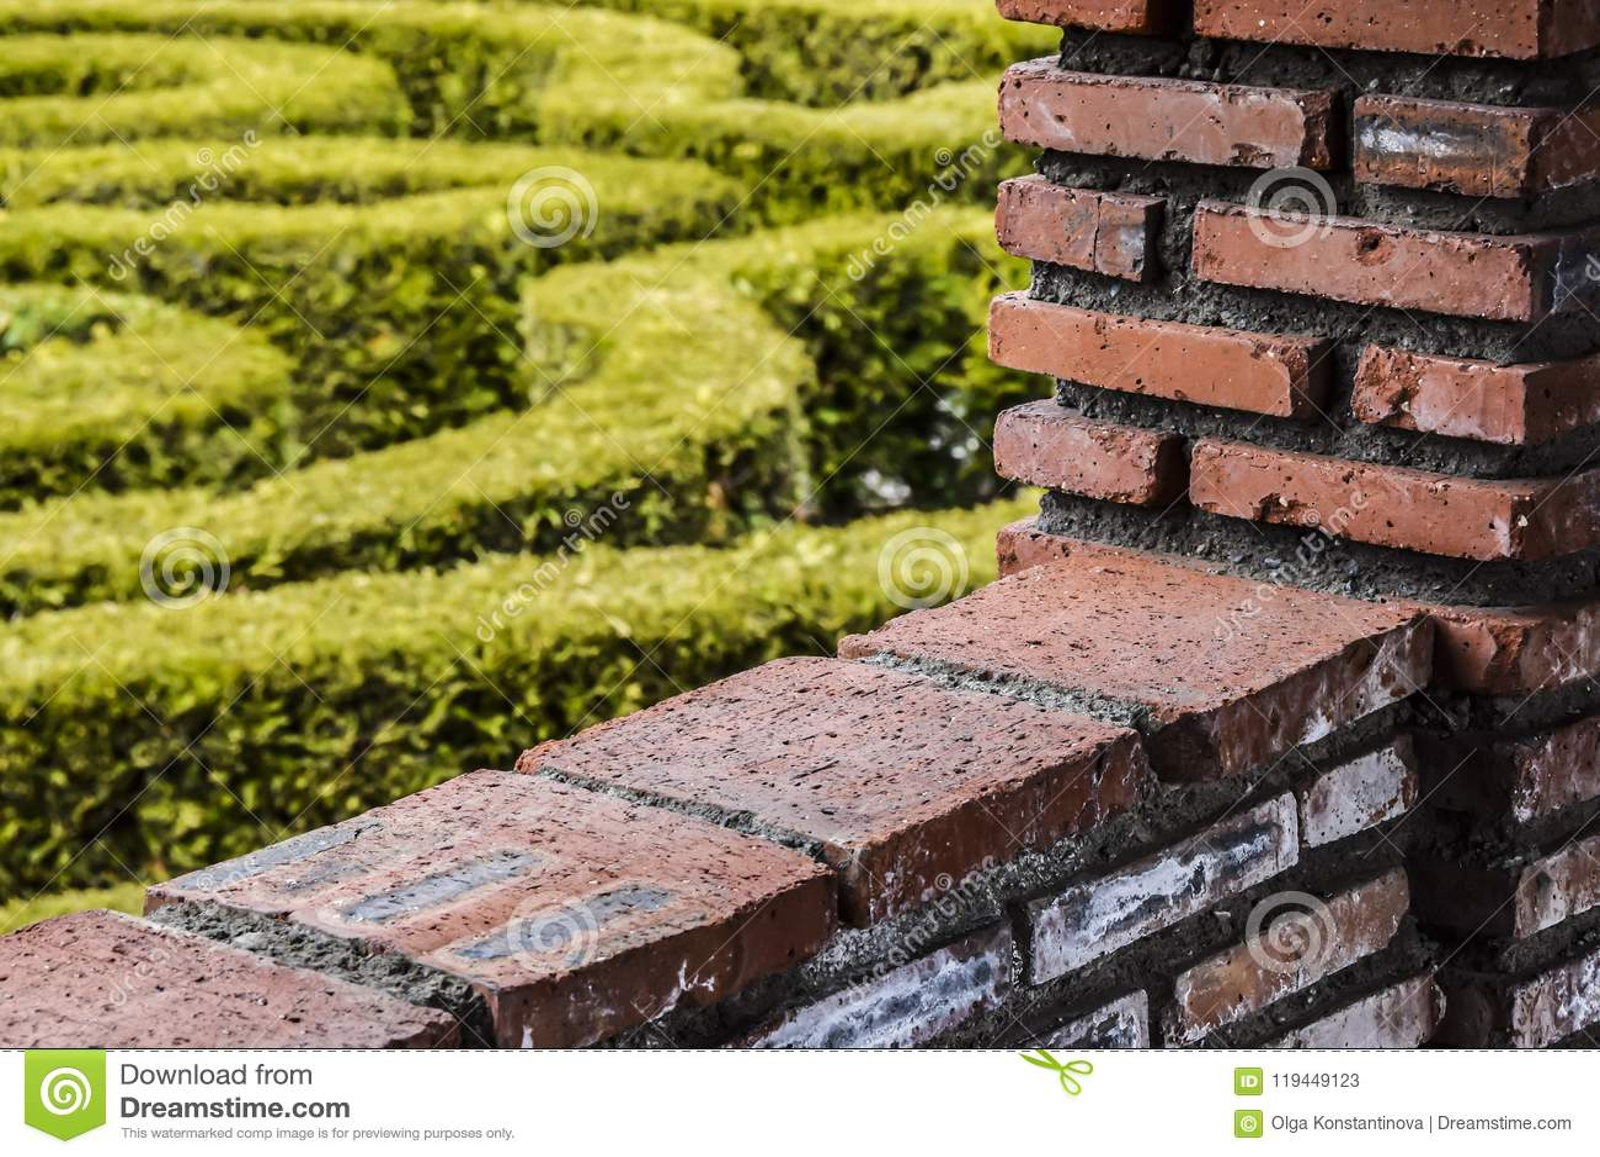 För röd tegelsten för väggen och kontrasterar den trädgårds- bakgrundsabstraktionen för gräsplan